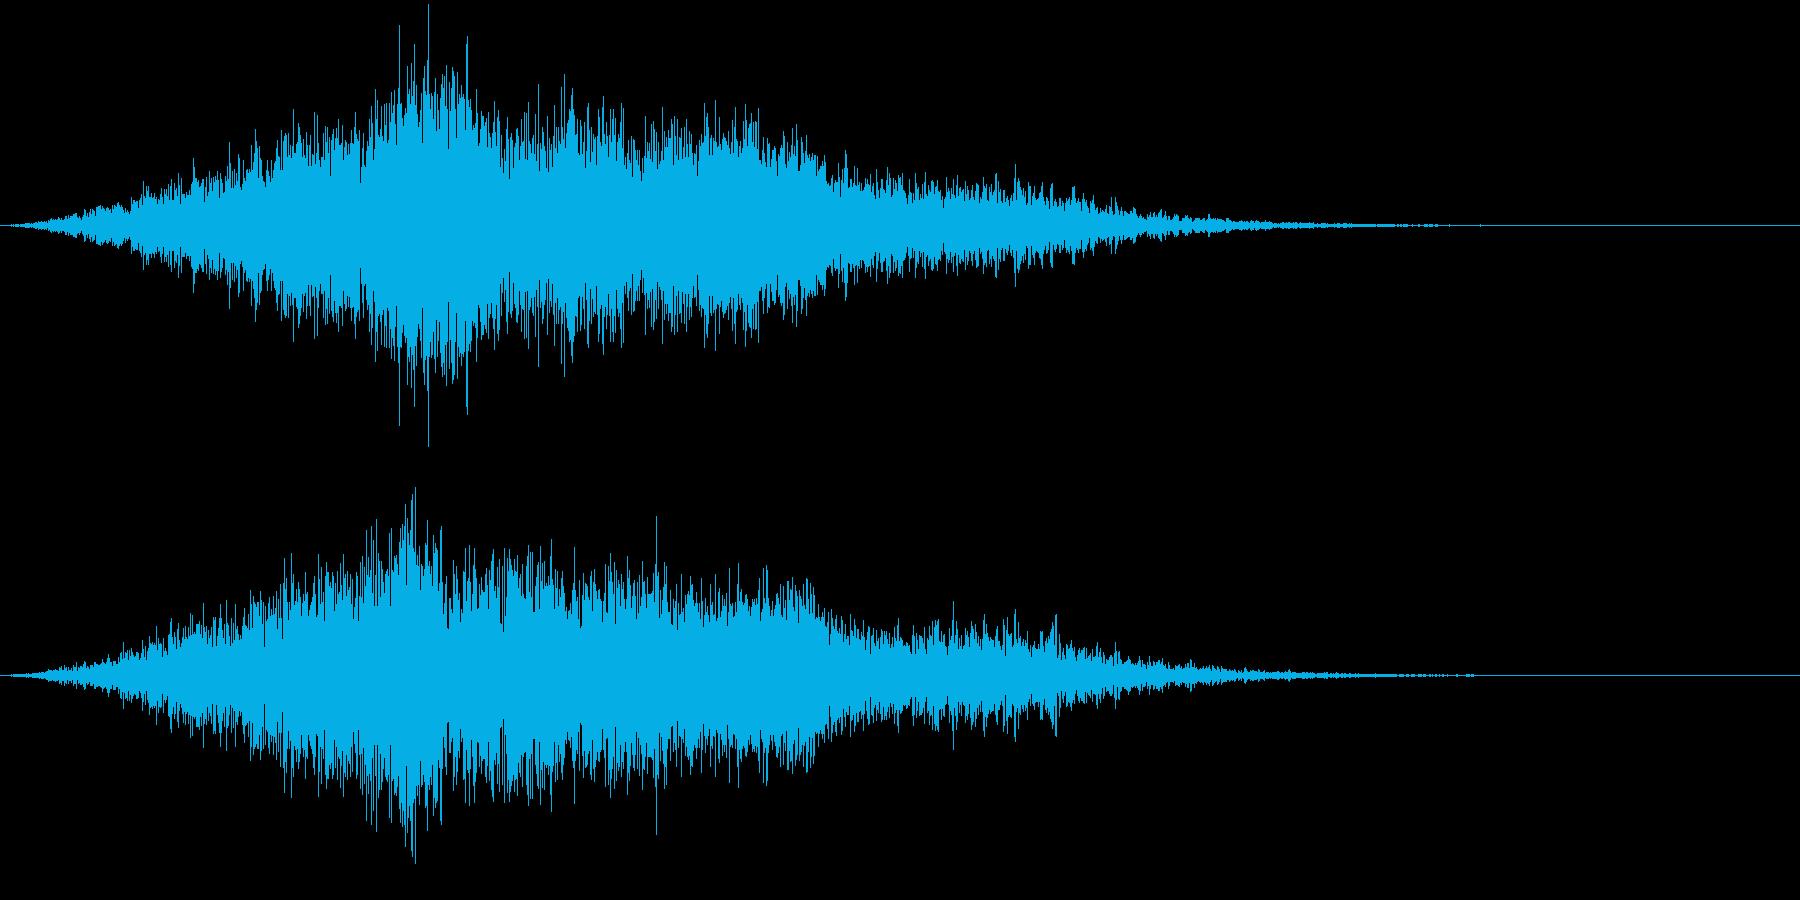 【ライザー】場面転換_07 ホラーの再生済みの波形